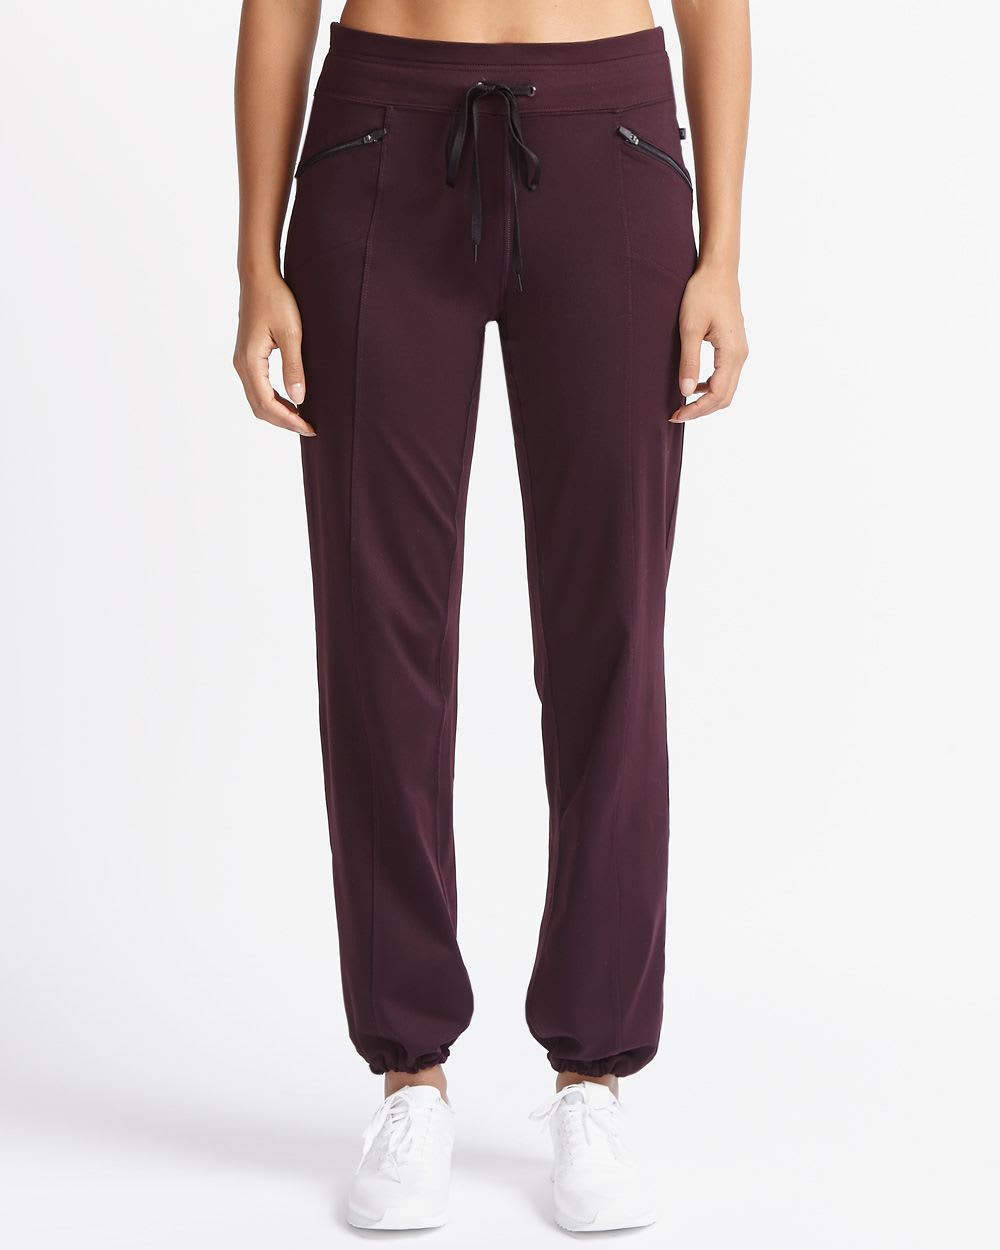 970922b3df Hyba Urban Pants | Women | Reitmans